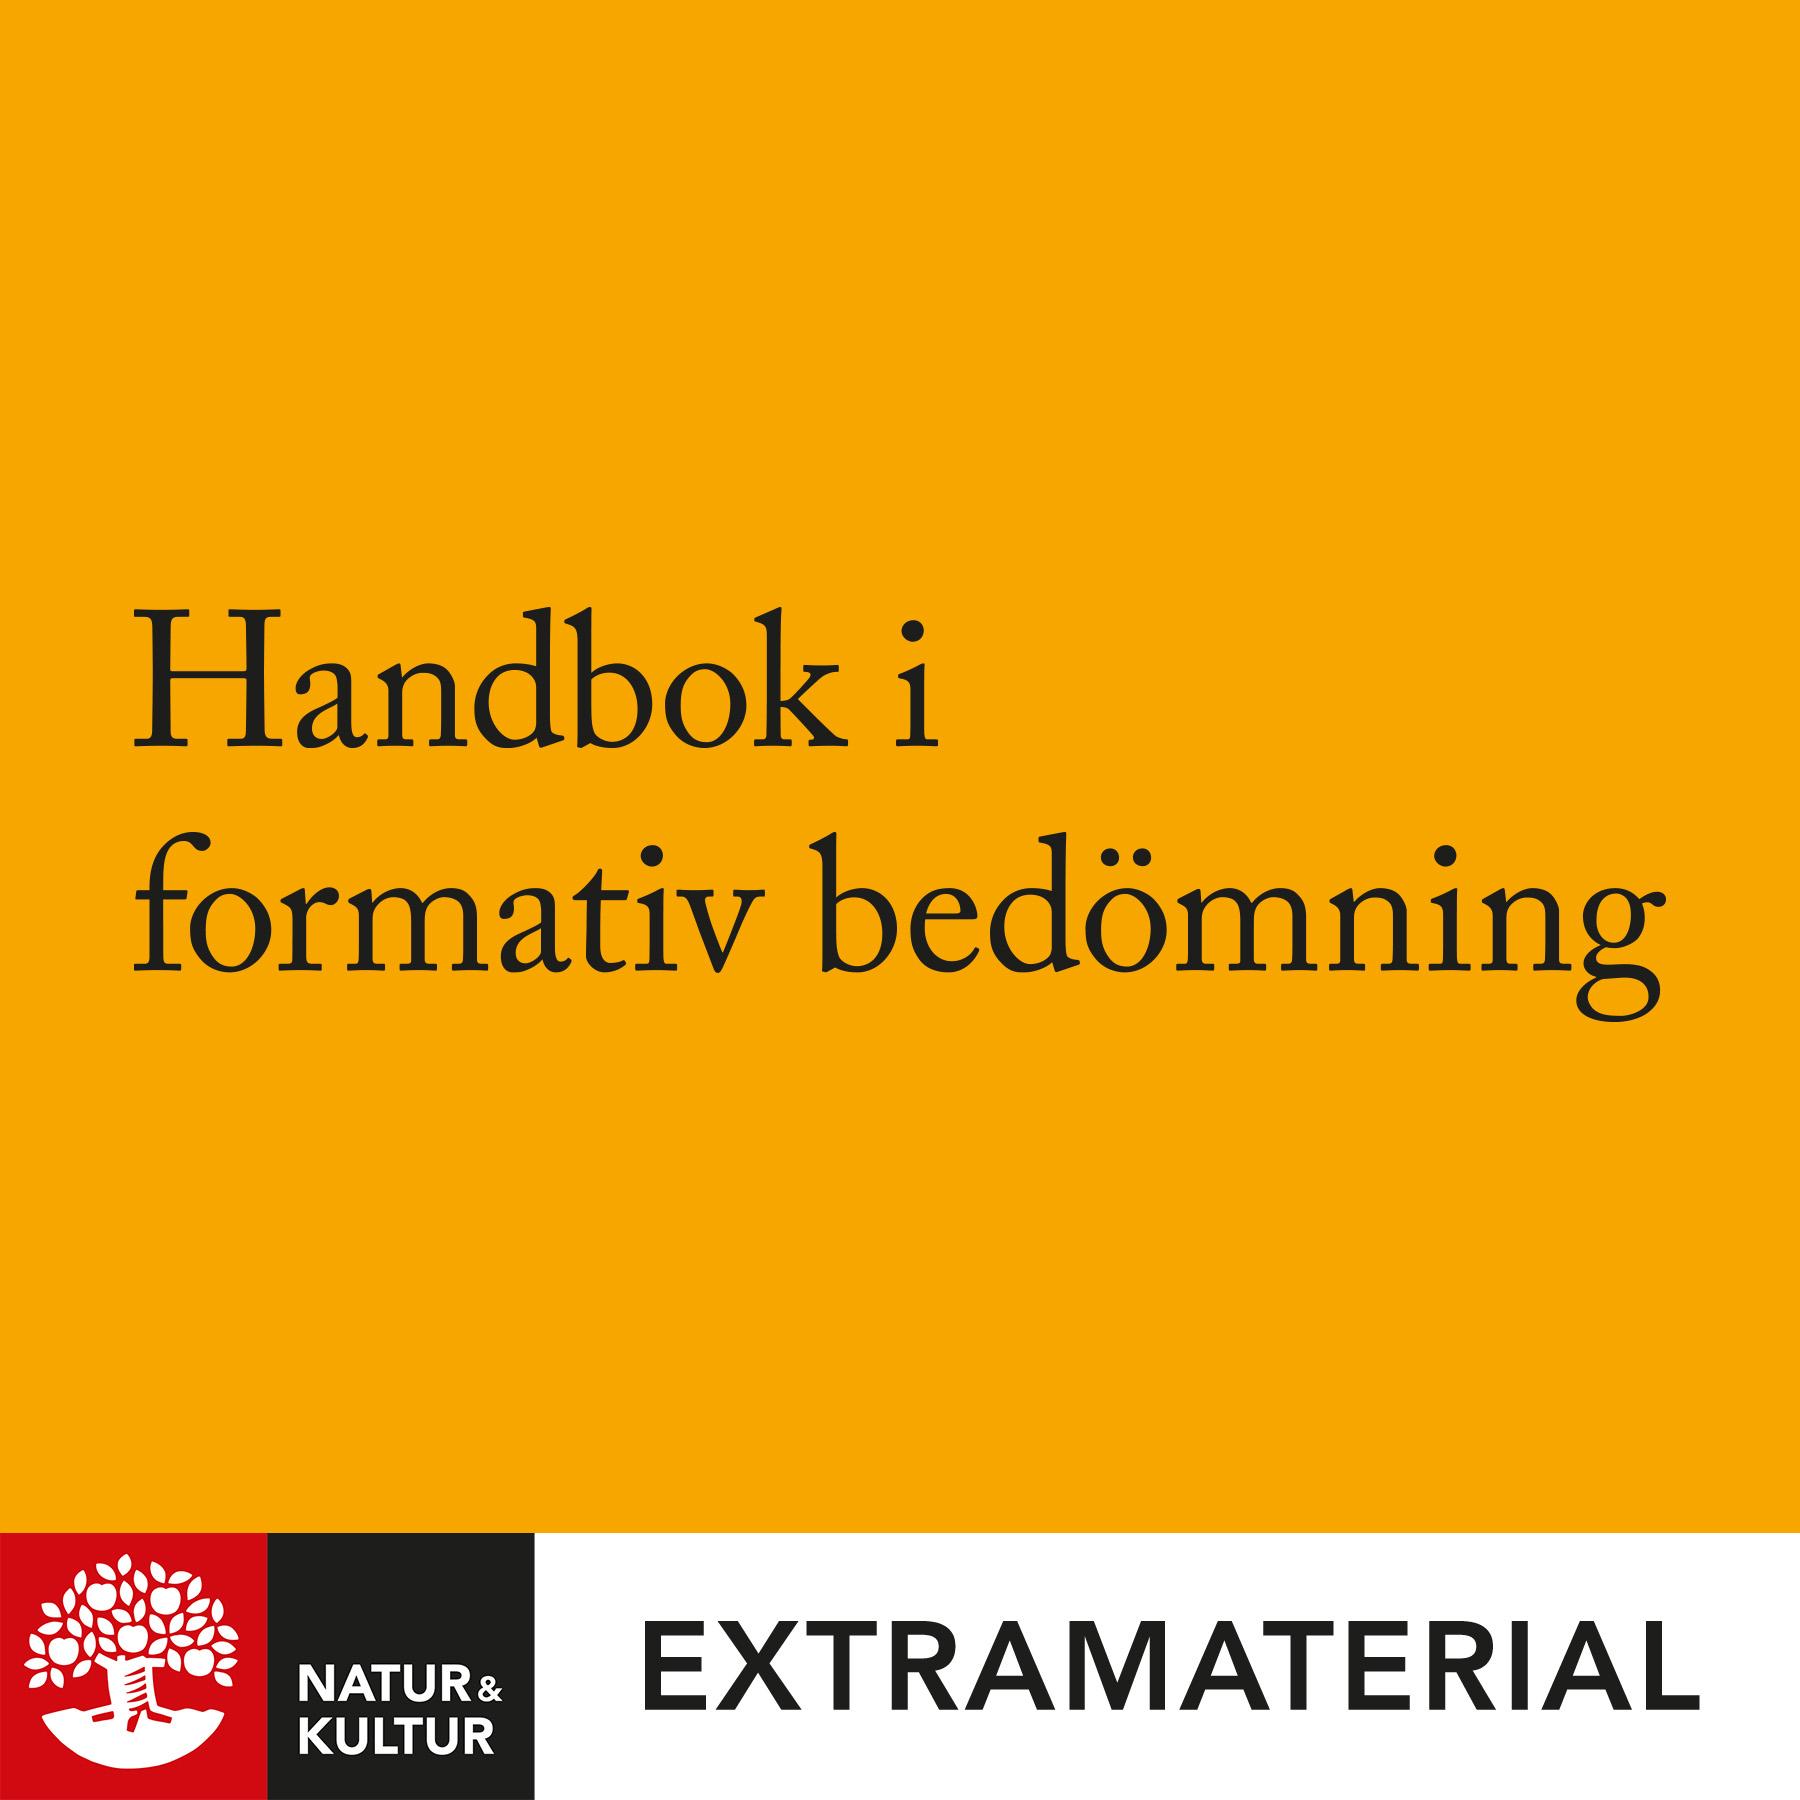 Handbok i formativ bedömning